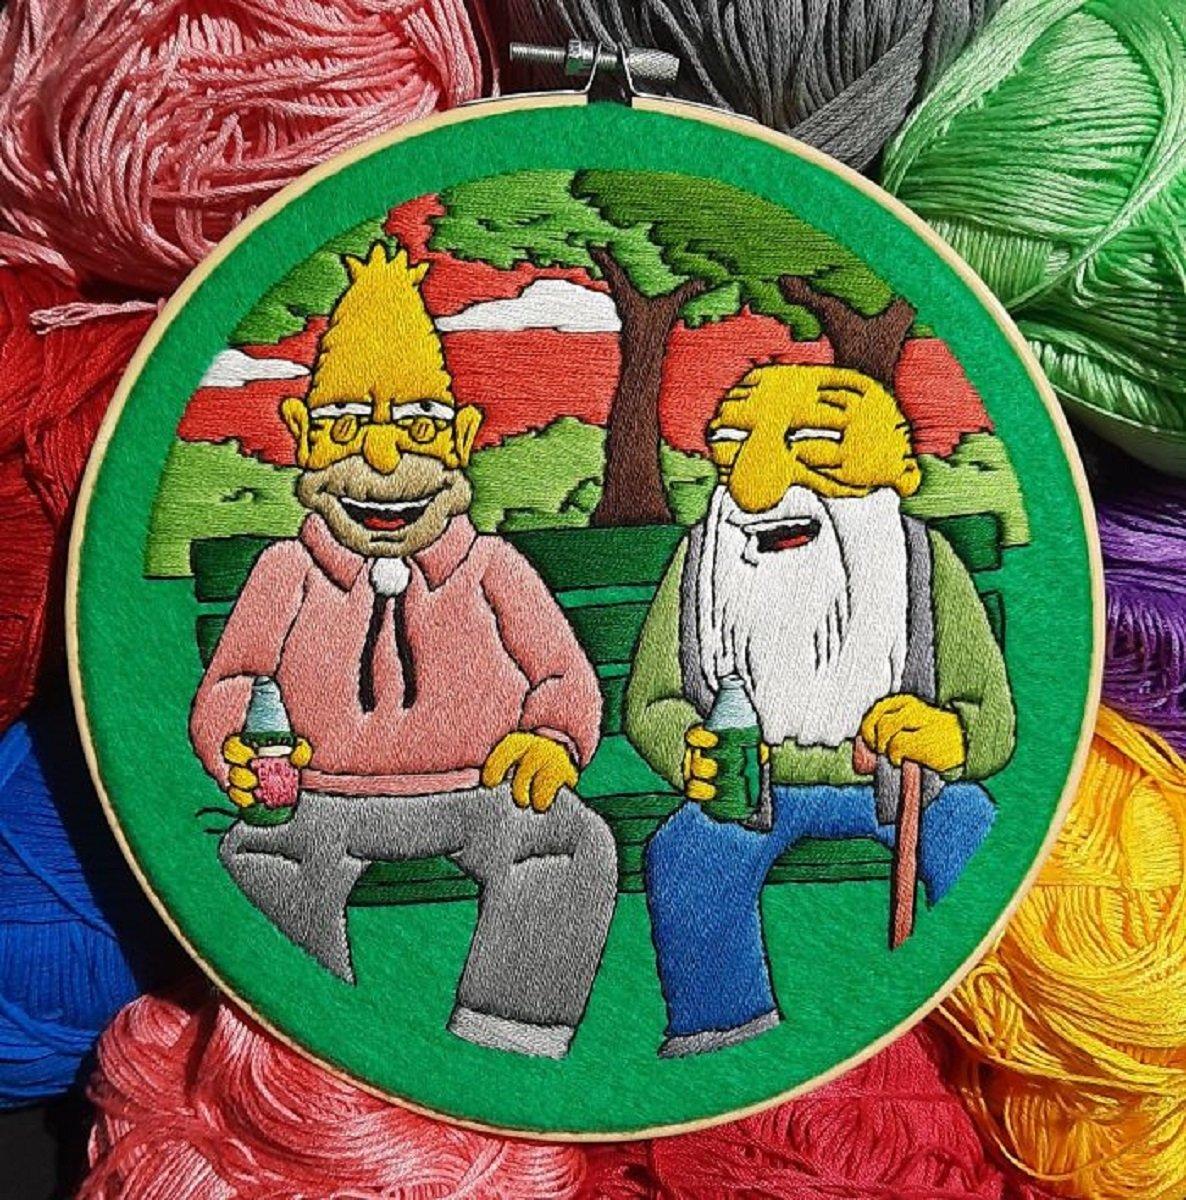 Artista Gabriela Martinez cria bordados de cenas de Os Simpsons 28